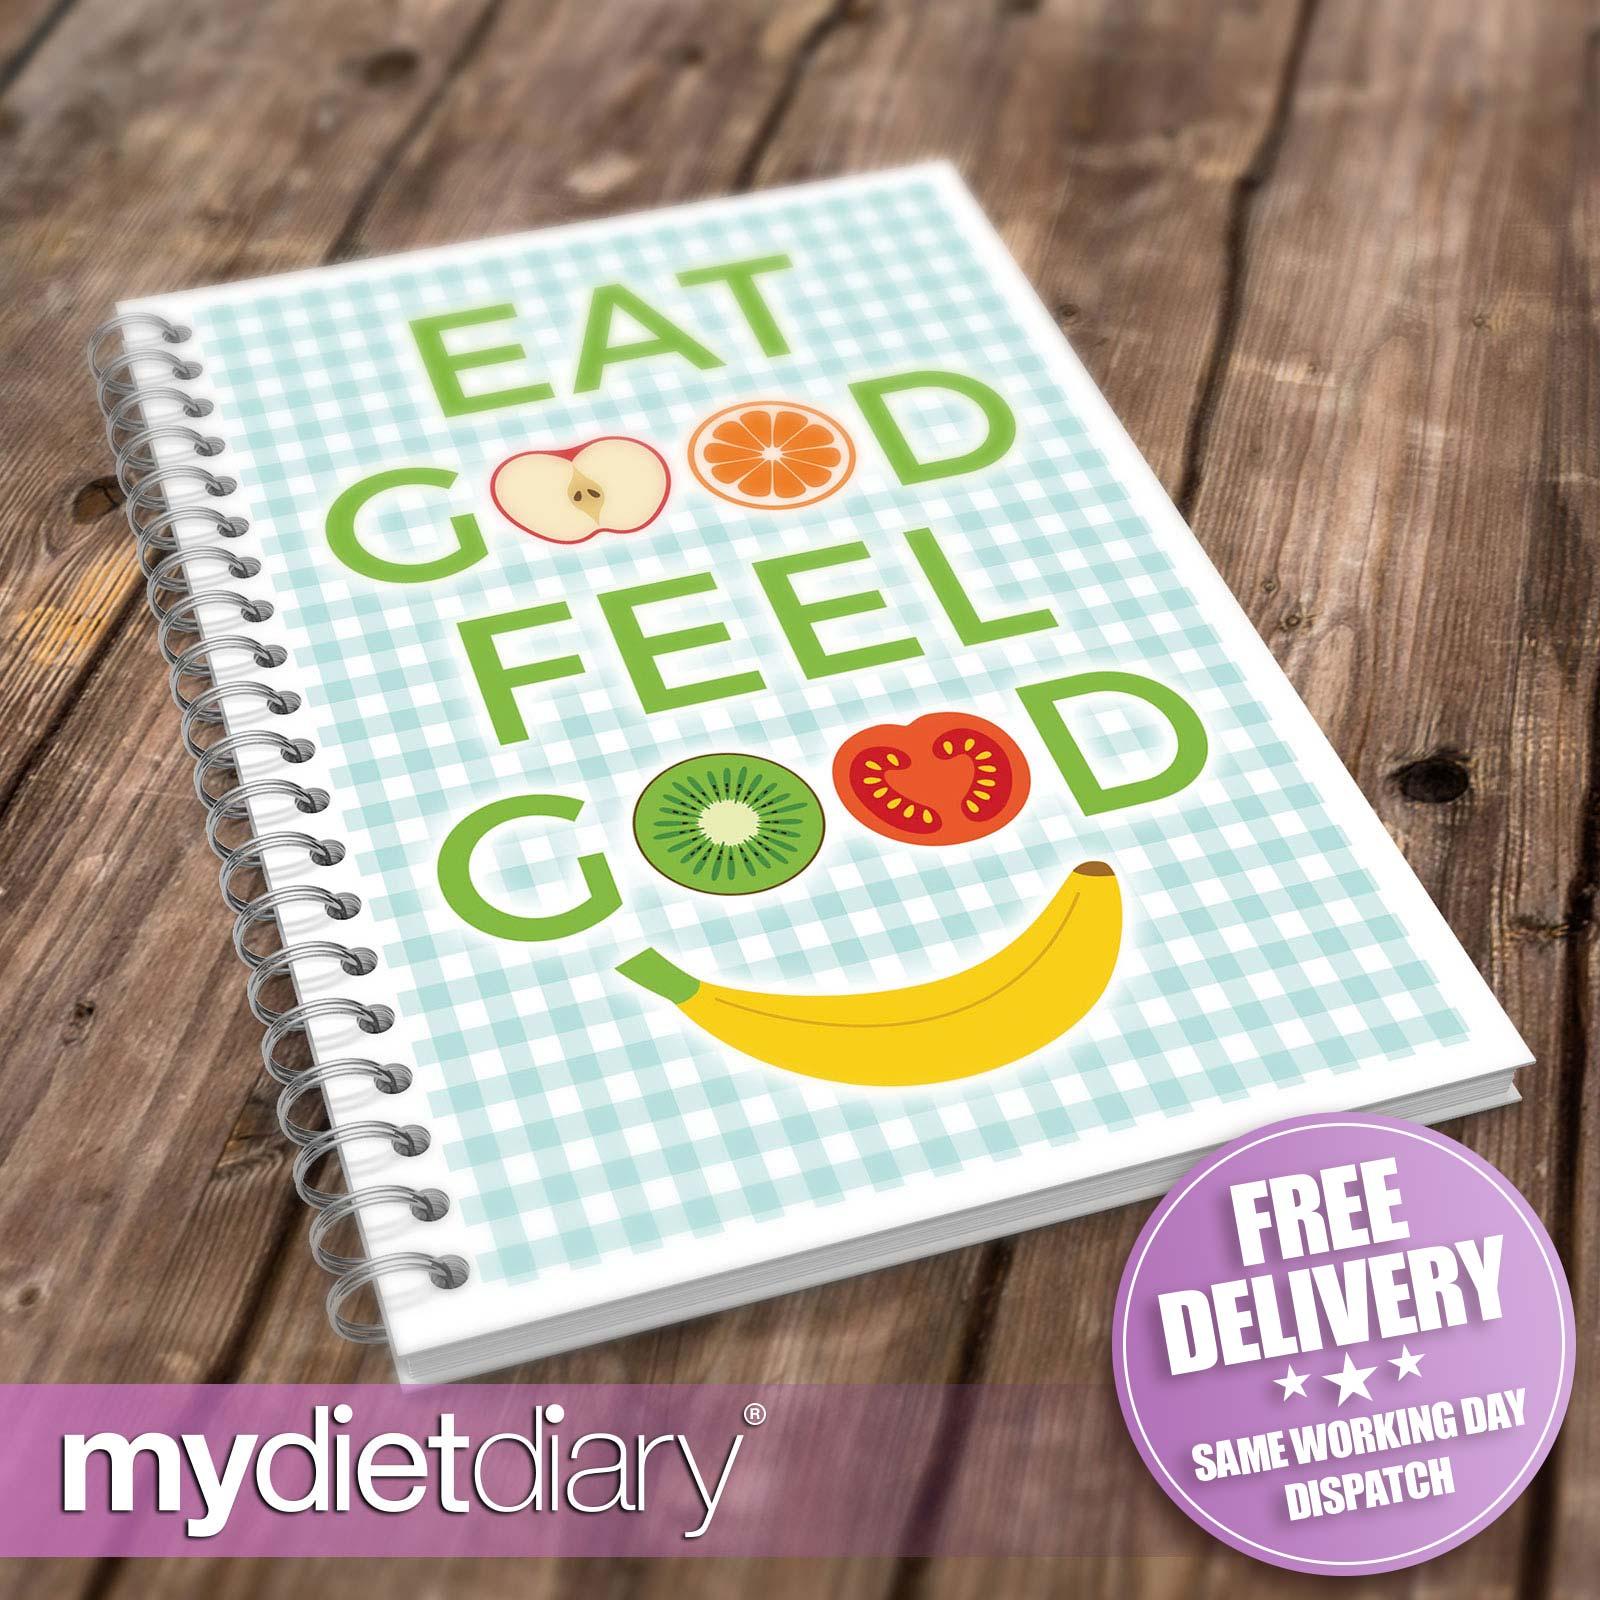 DIET-FOOD-DIARY-Meal-Planner-Weight-Loss-Tracker-Diet-Journal-Slimming-12week